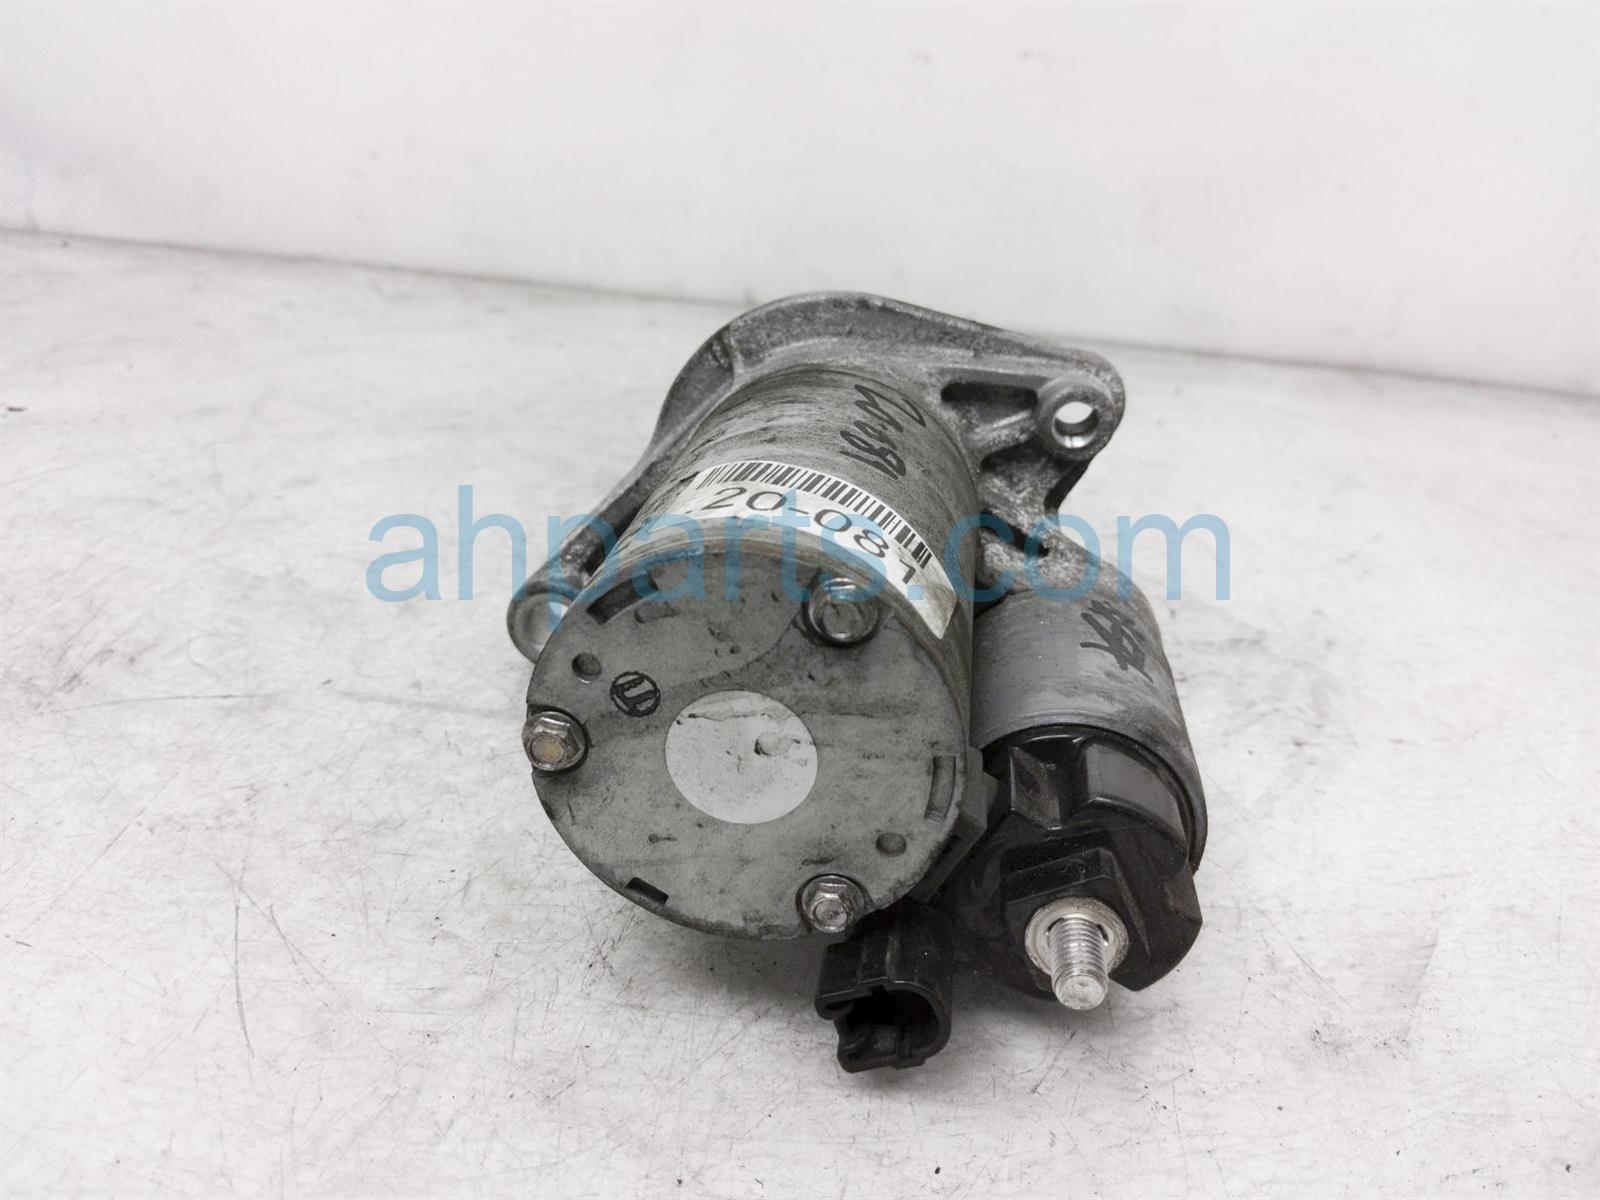 Toyota RAV 4 Mk1 94-00 2.0 16v Motor Arranque Avensis Gasolina Manual 28100-74130